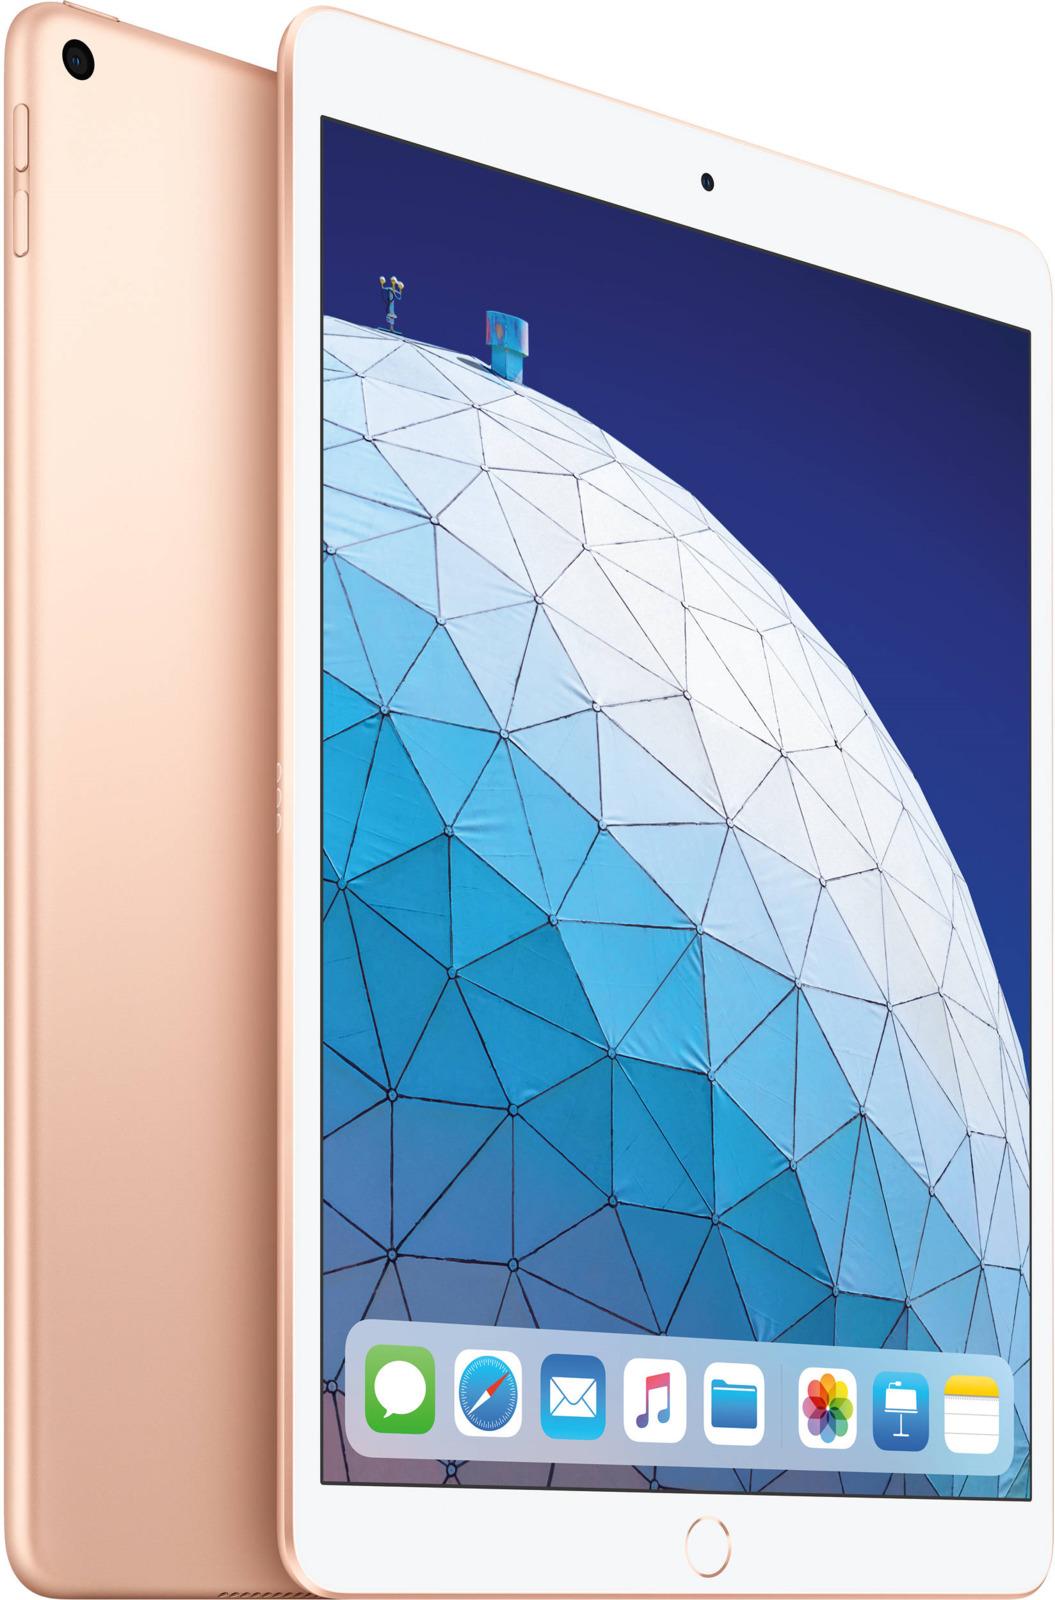 Планшет Apple iPadAir 10.5 Wi-Fi (2019), 256 ГБ, золотой bluetooth wireless 64 key keyboard w stand for ipad air air 2 ipad 1 2 silver